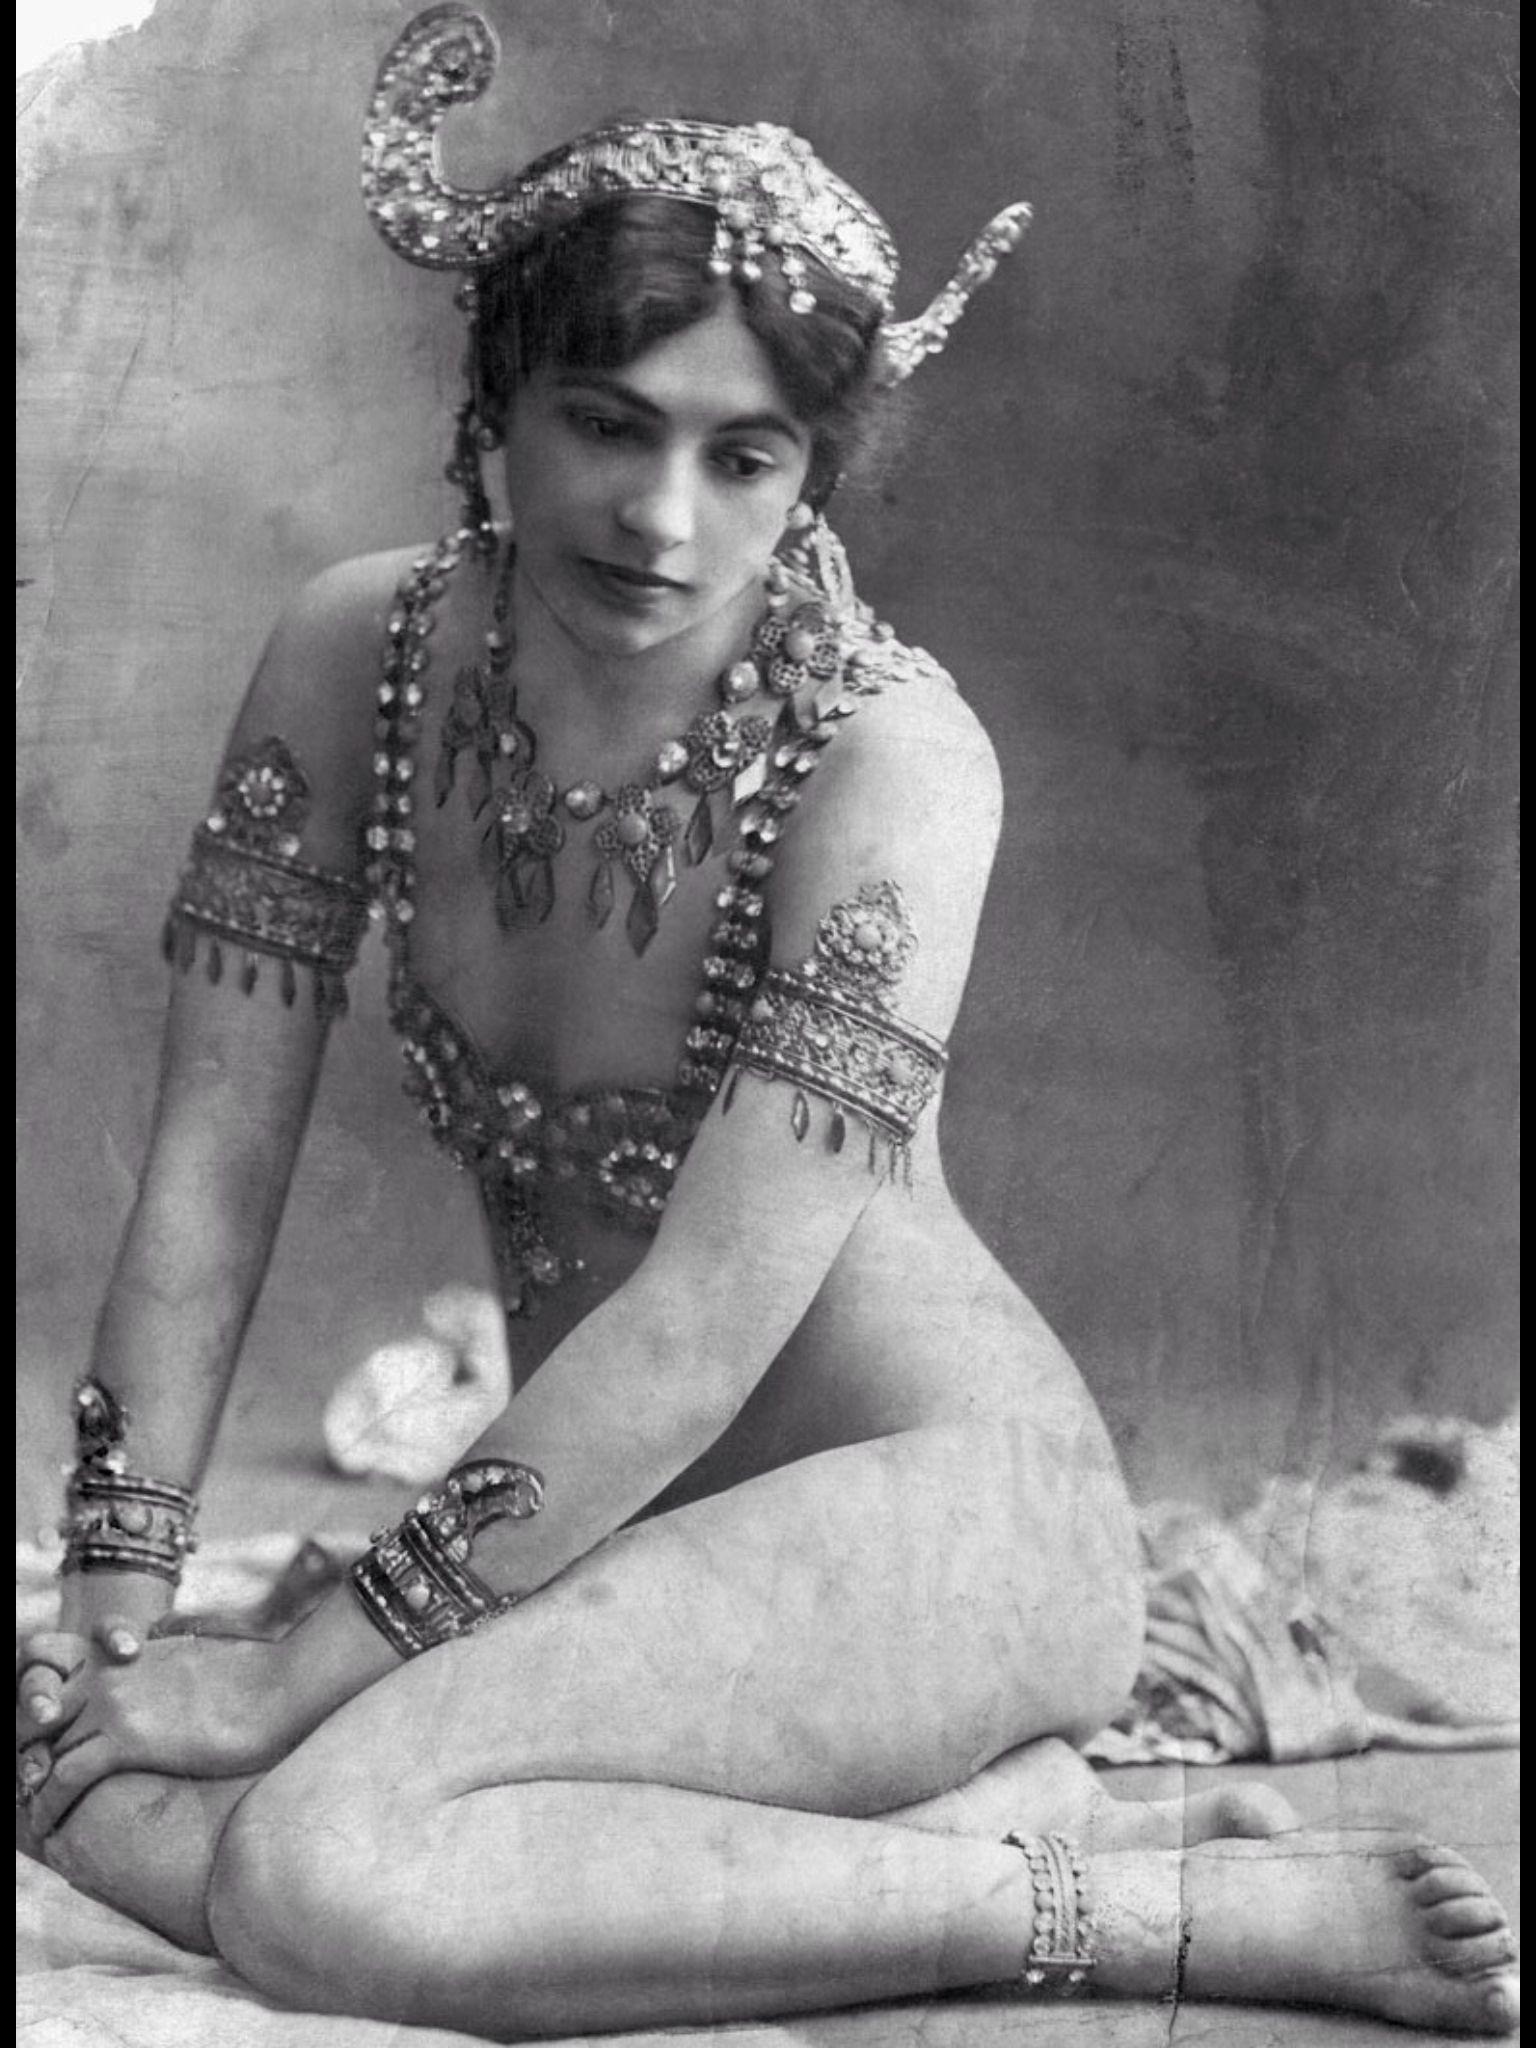 PEOPLE ¥ (1907) Mata Hari